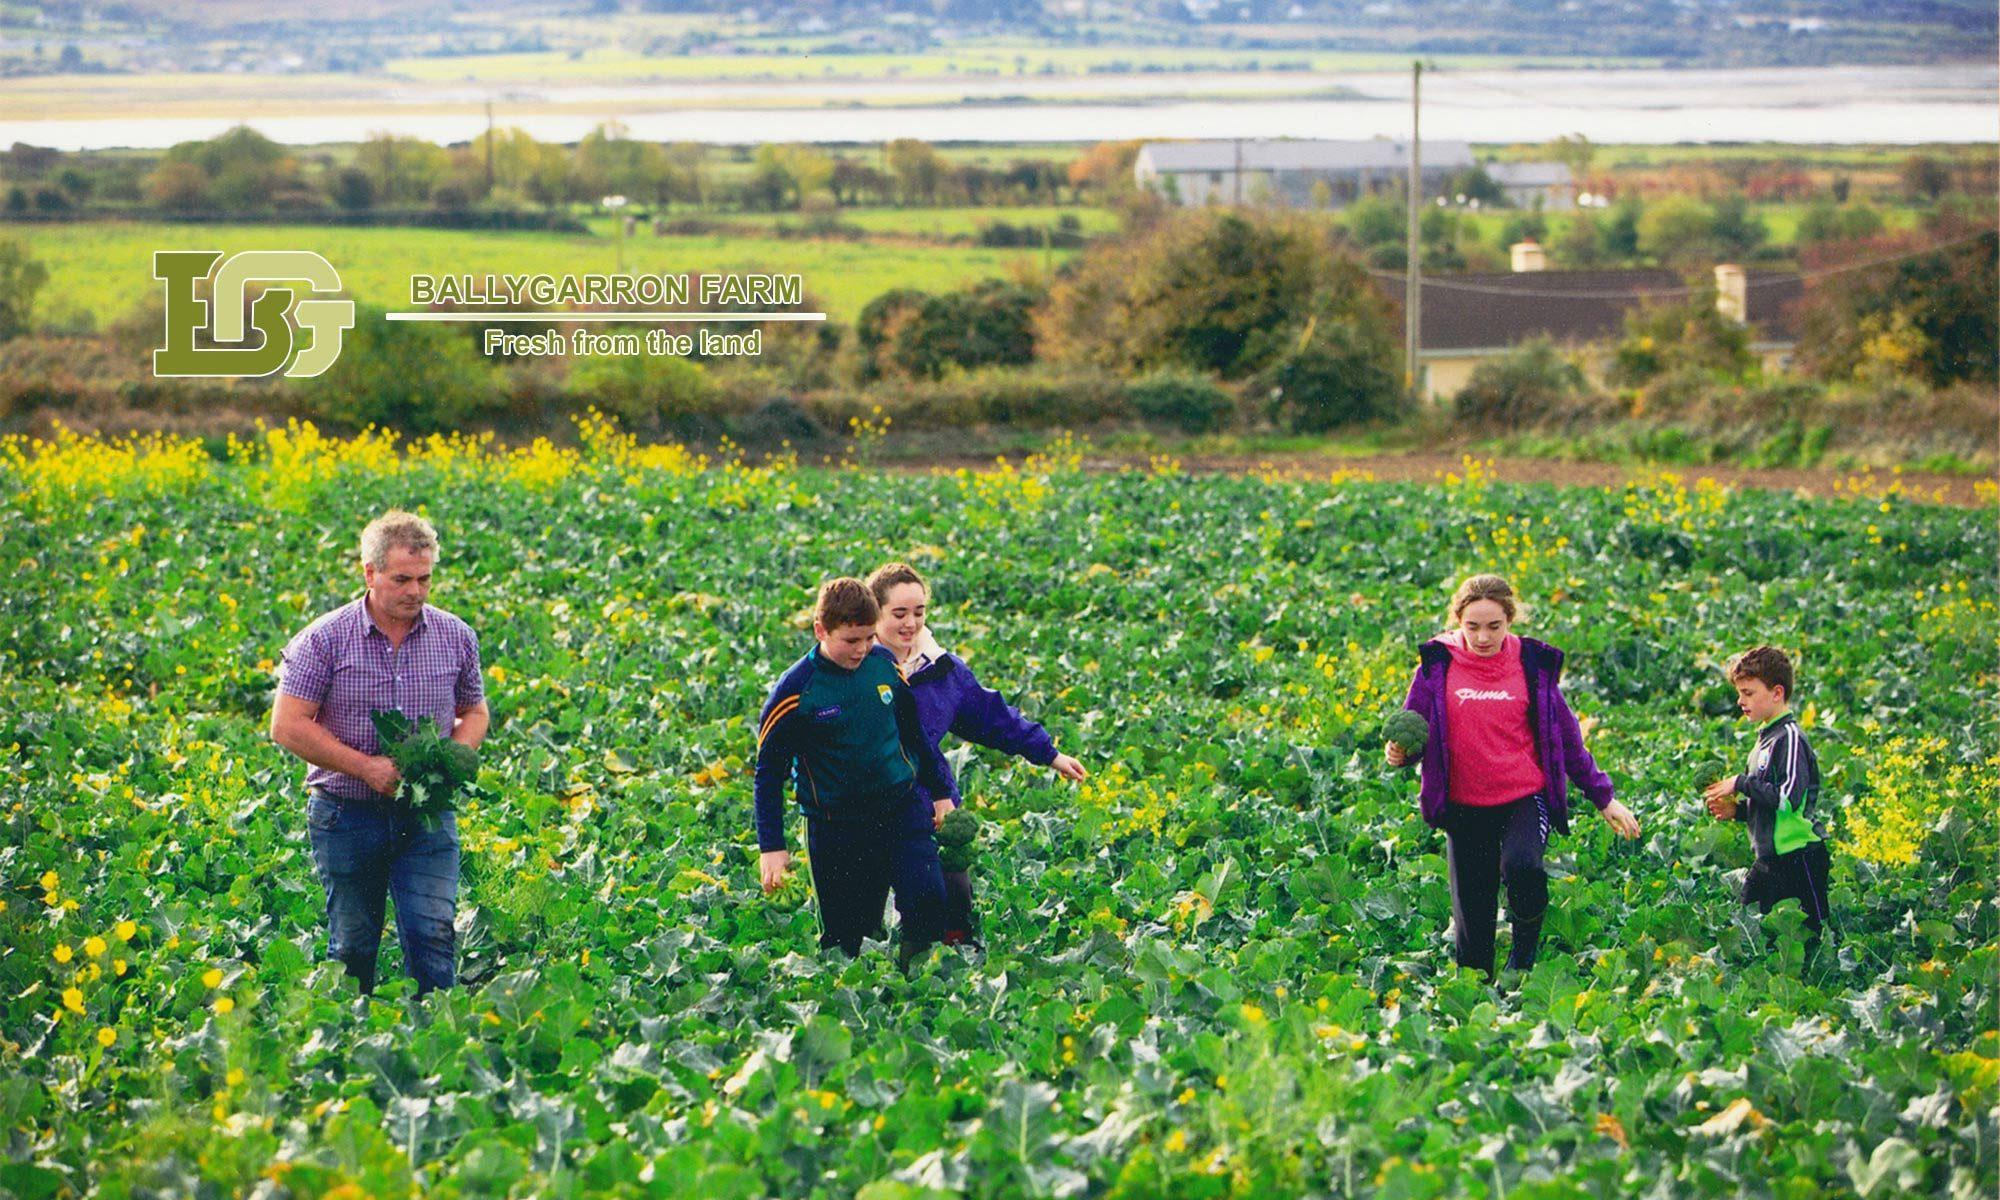 Ballygarron Farm